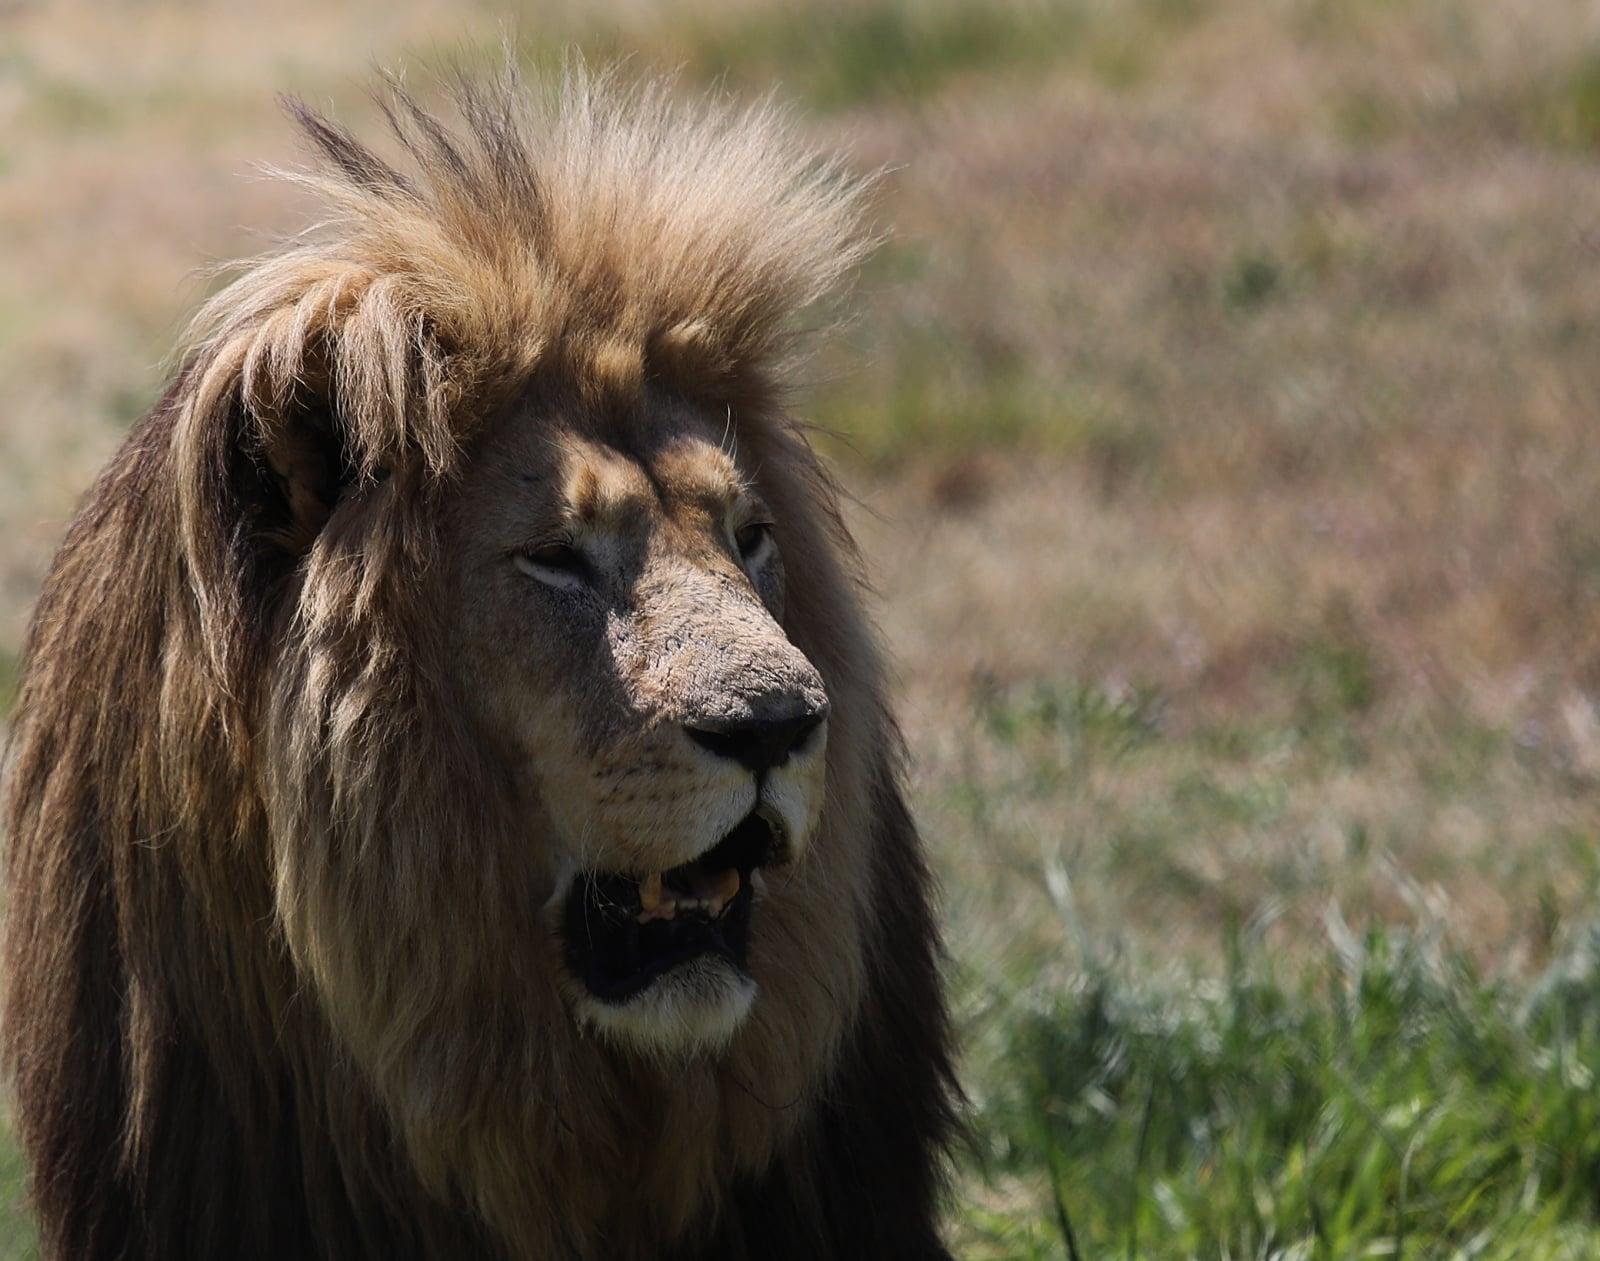 Świątynia lwów w RPA fot EPA/KIM LUDBROOK